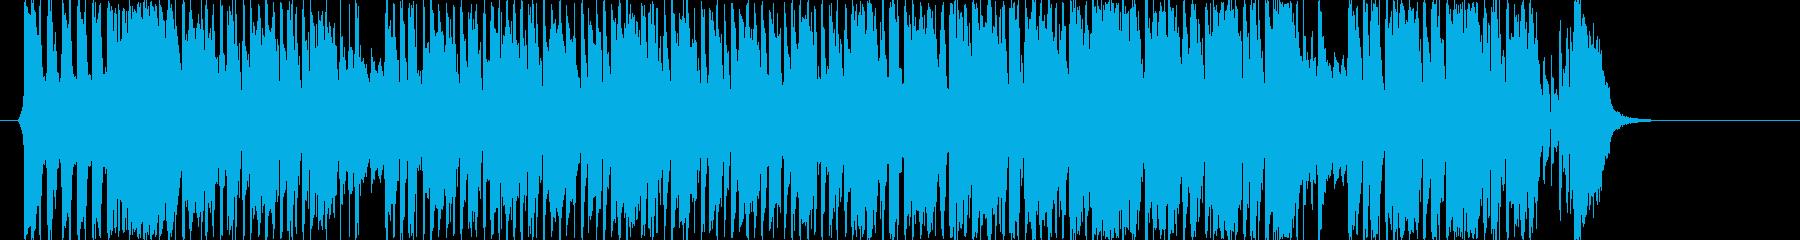 バラエティ番組OP風です。の再生済みの波形